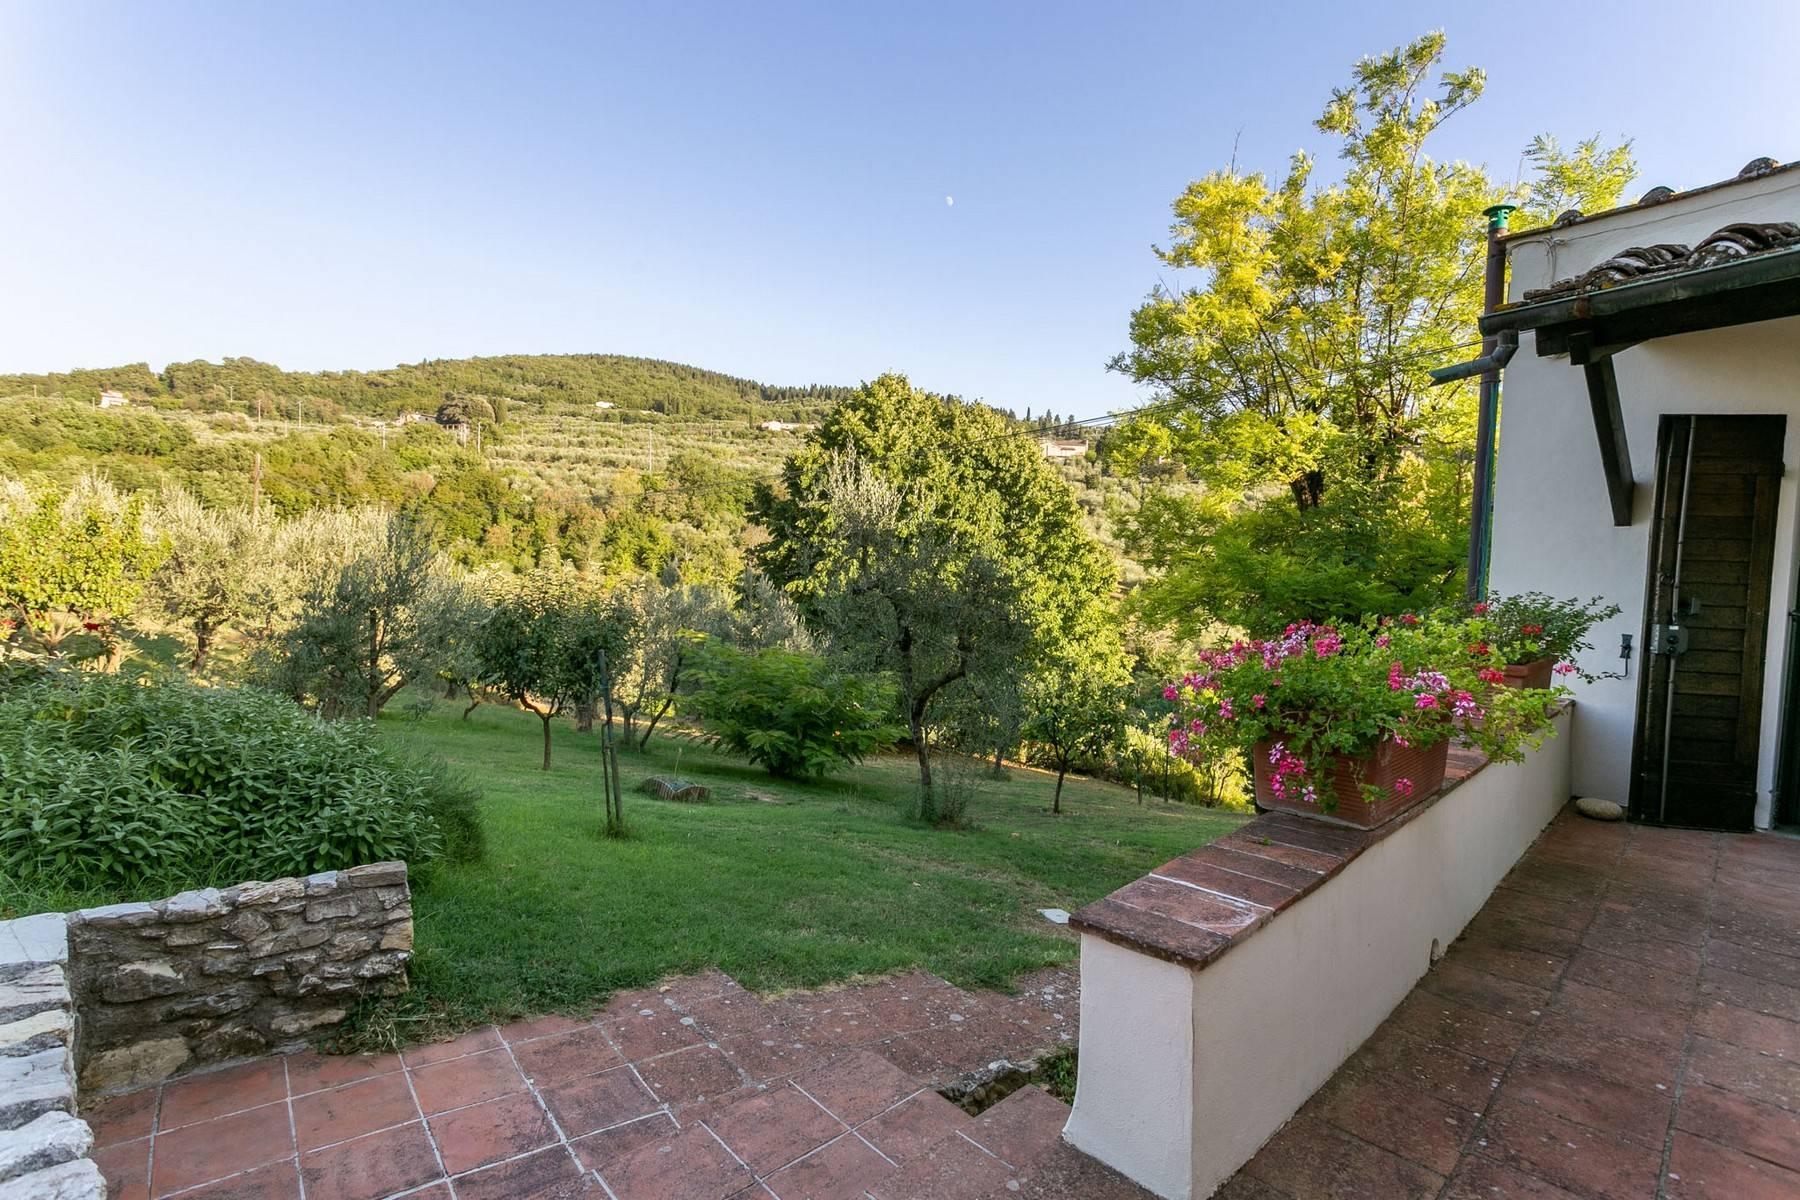 Villa mitten im Grünen in der Nähe von Florenz - 19